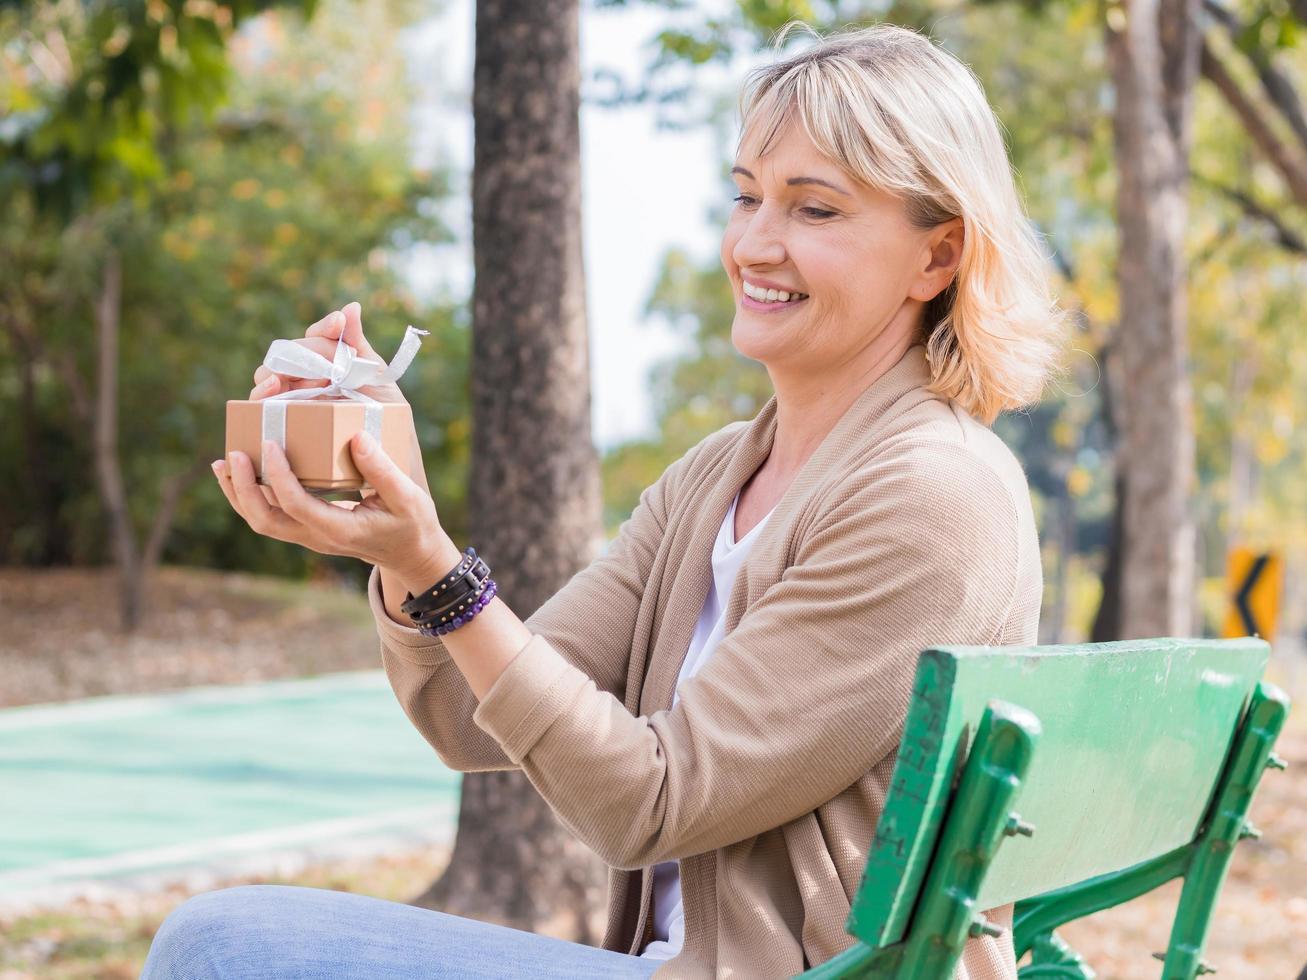 Frau, die Geschenk in einem Park öffnet foto